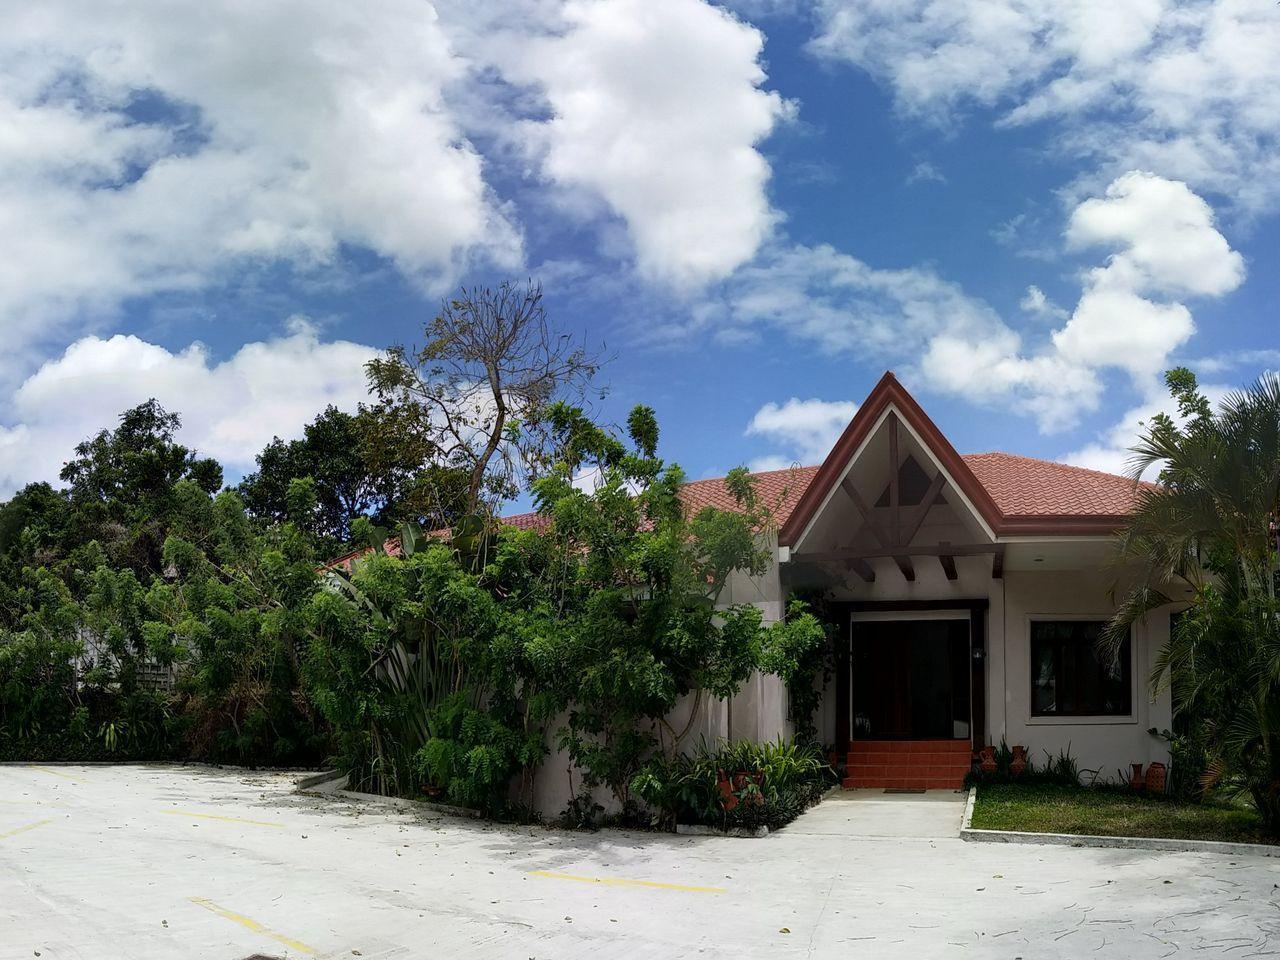 Albertos By Dj Seungli The Hills At Silang Residences Silang Cavite Philippines